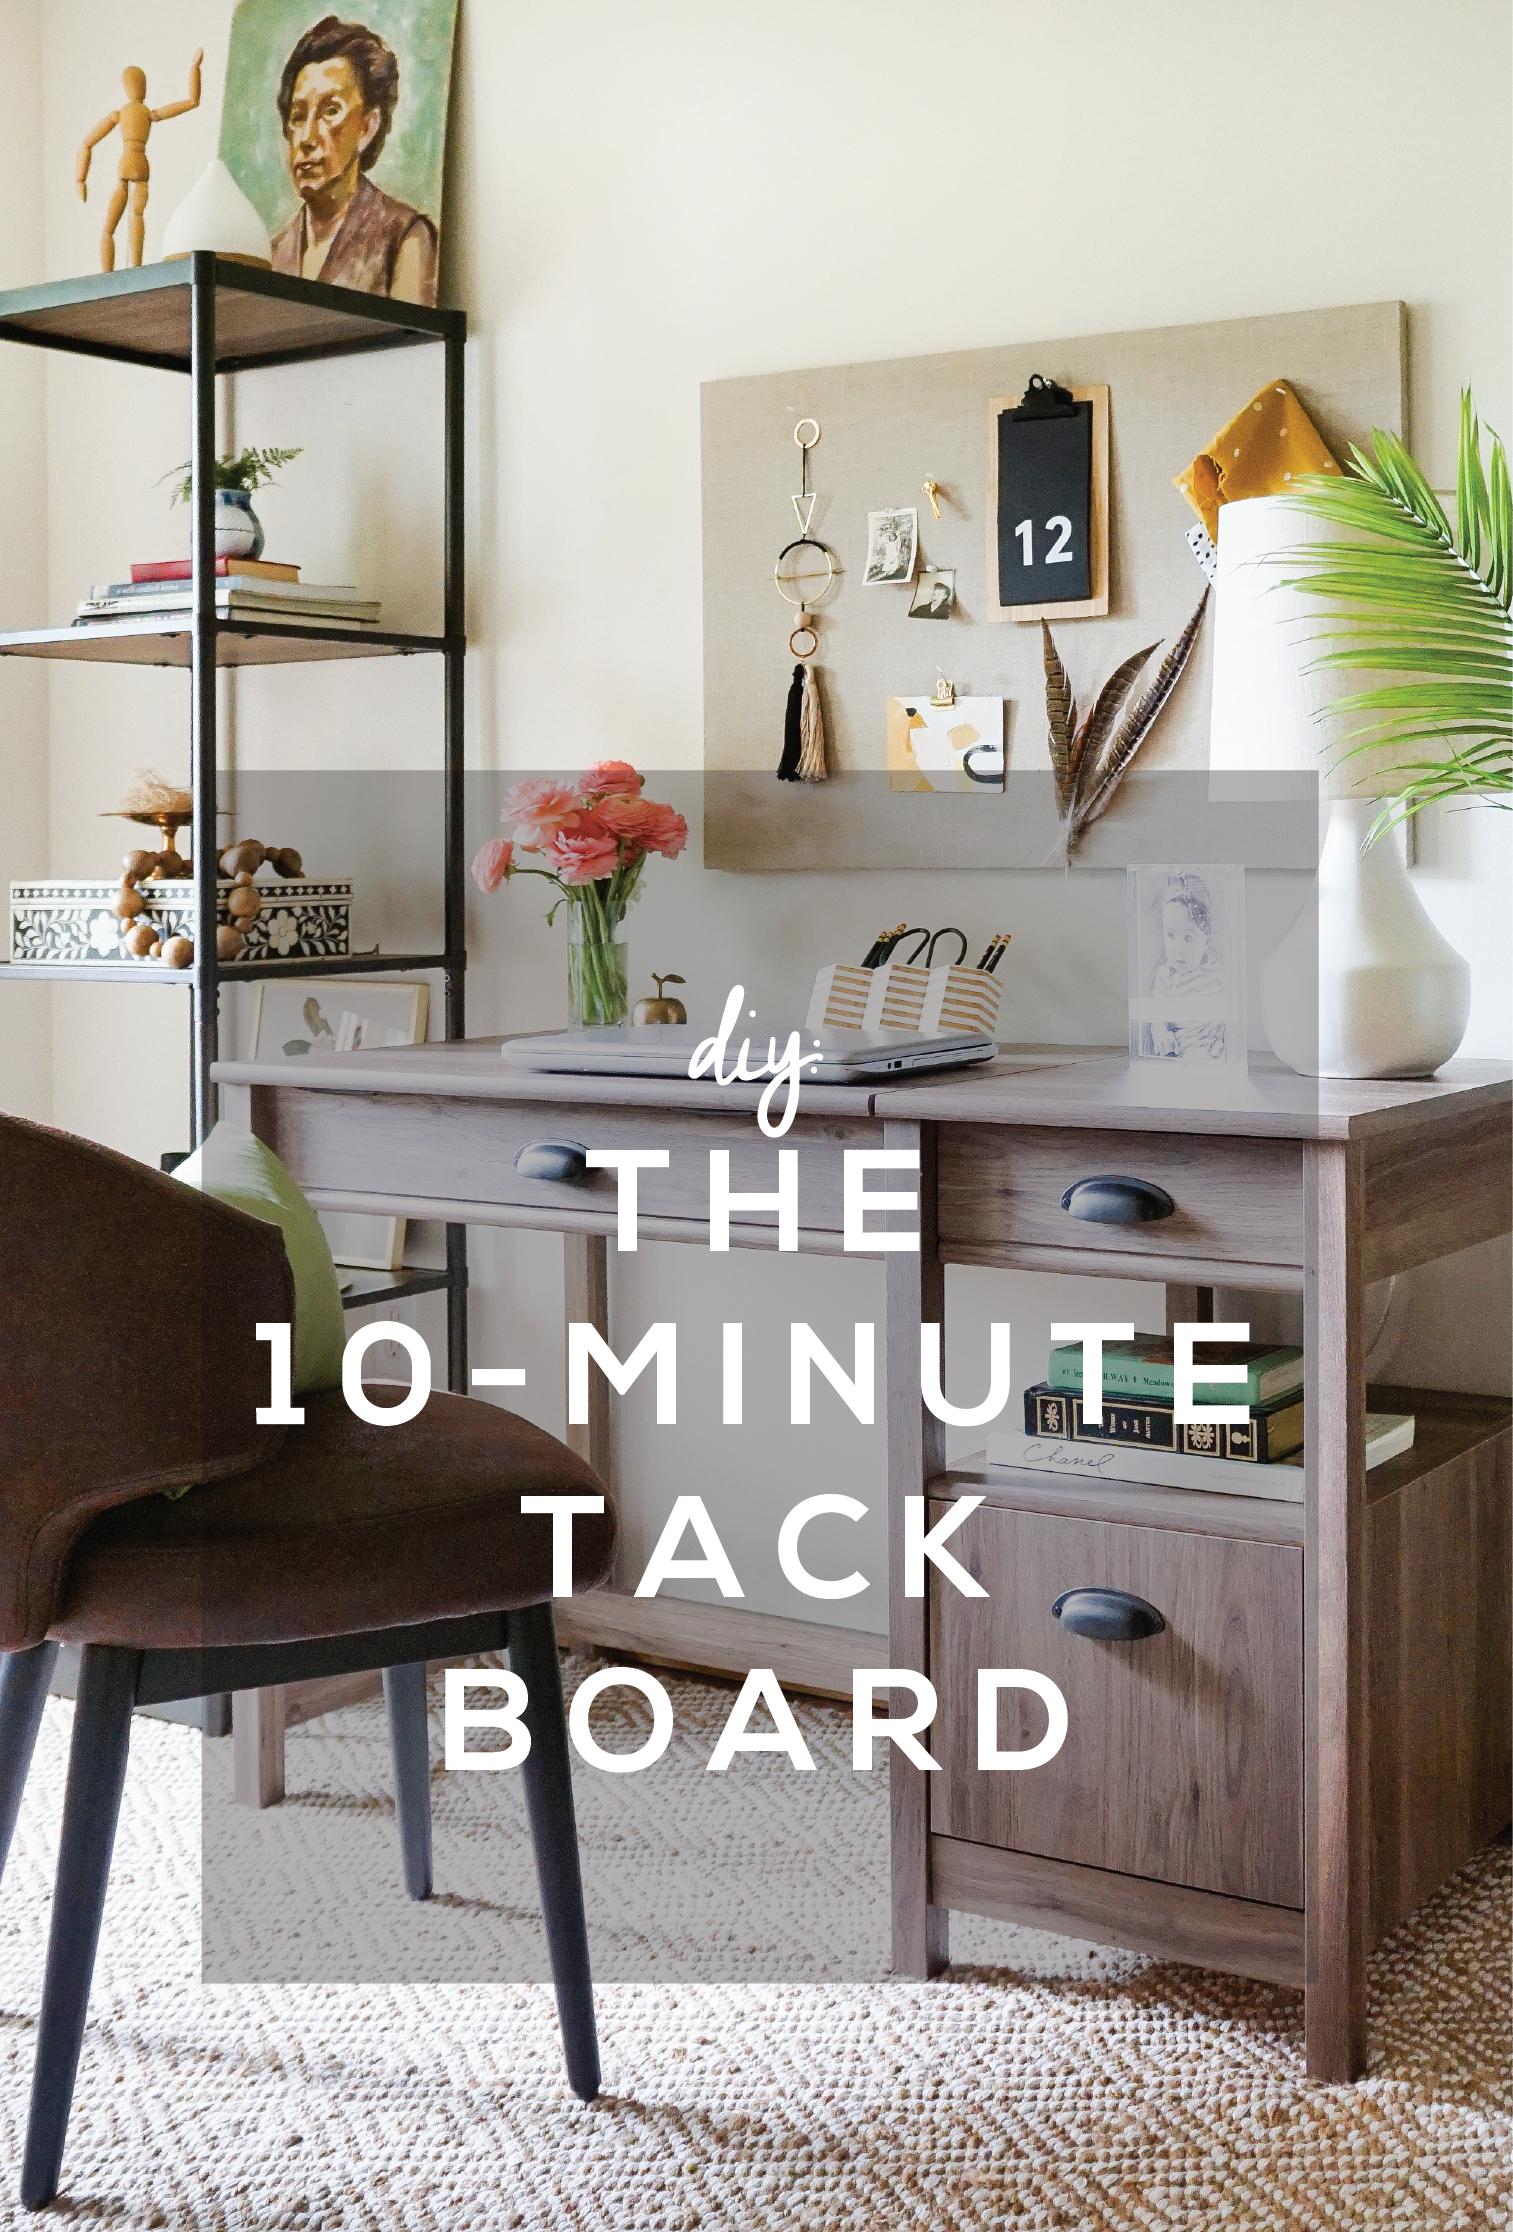 The 10 Minute Tack Board DIY Tack board, Desk cover